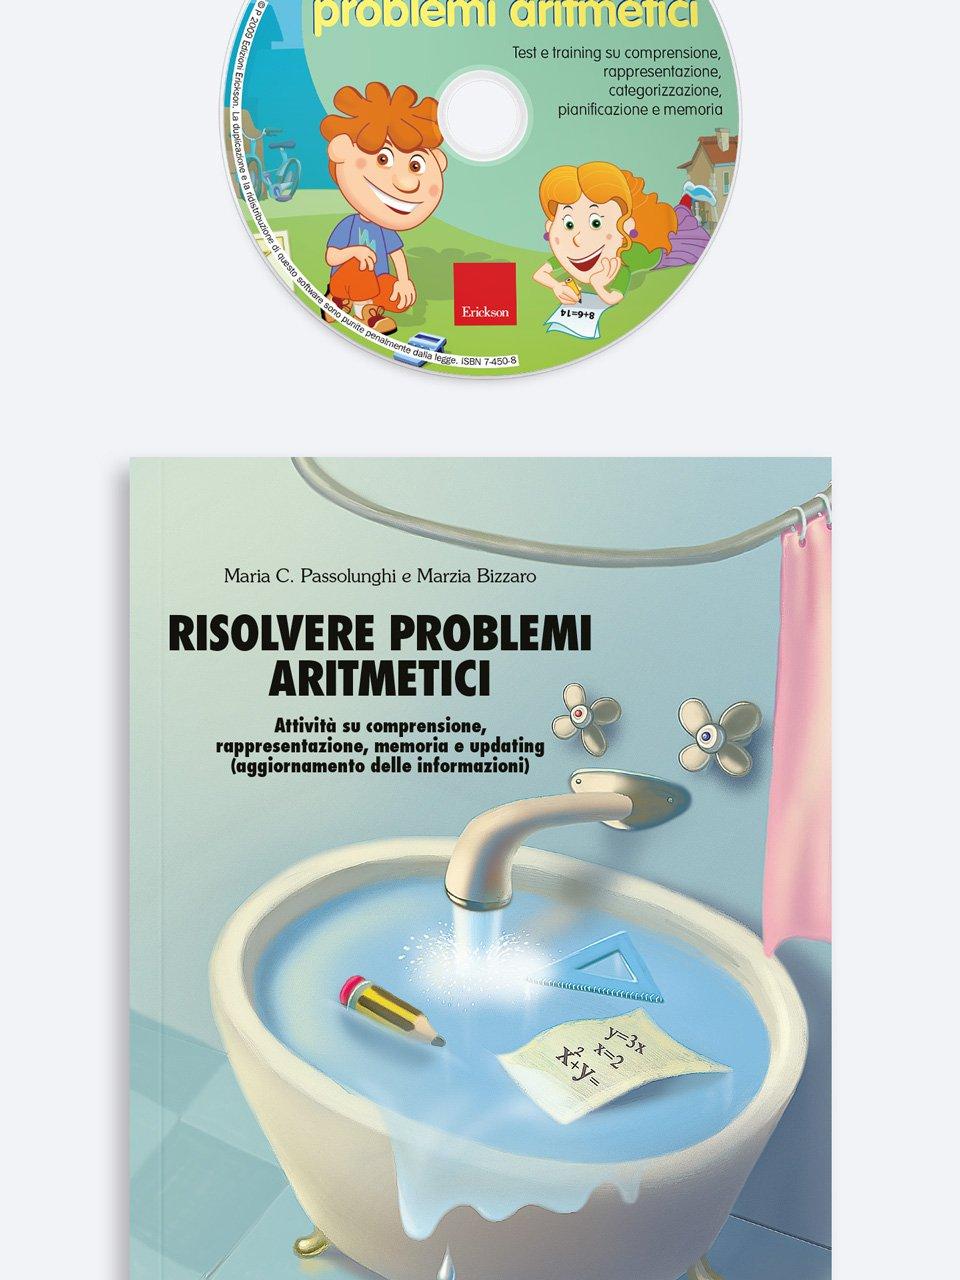 Risolvere problemi aritmetici - IperMAPPE 2 - App e software - Erickson 3